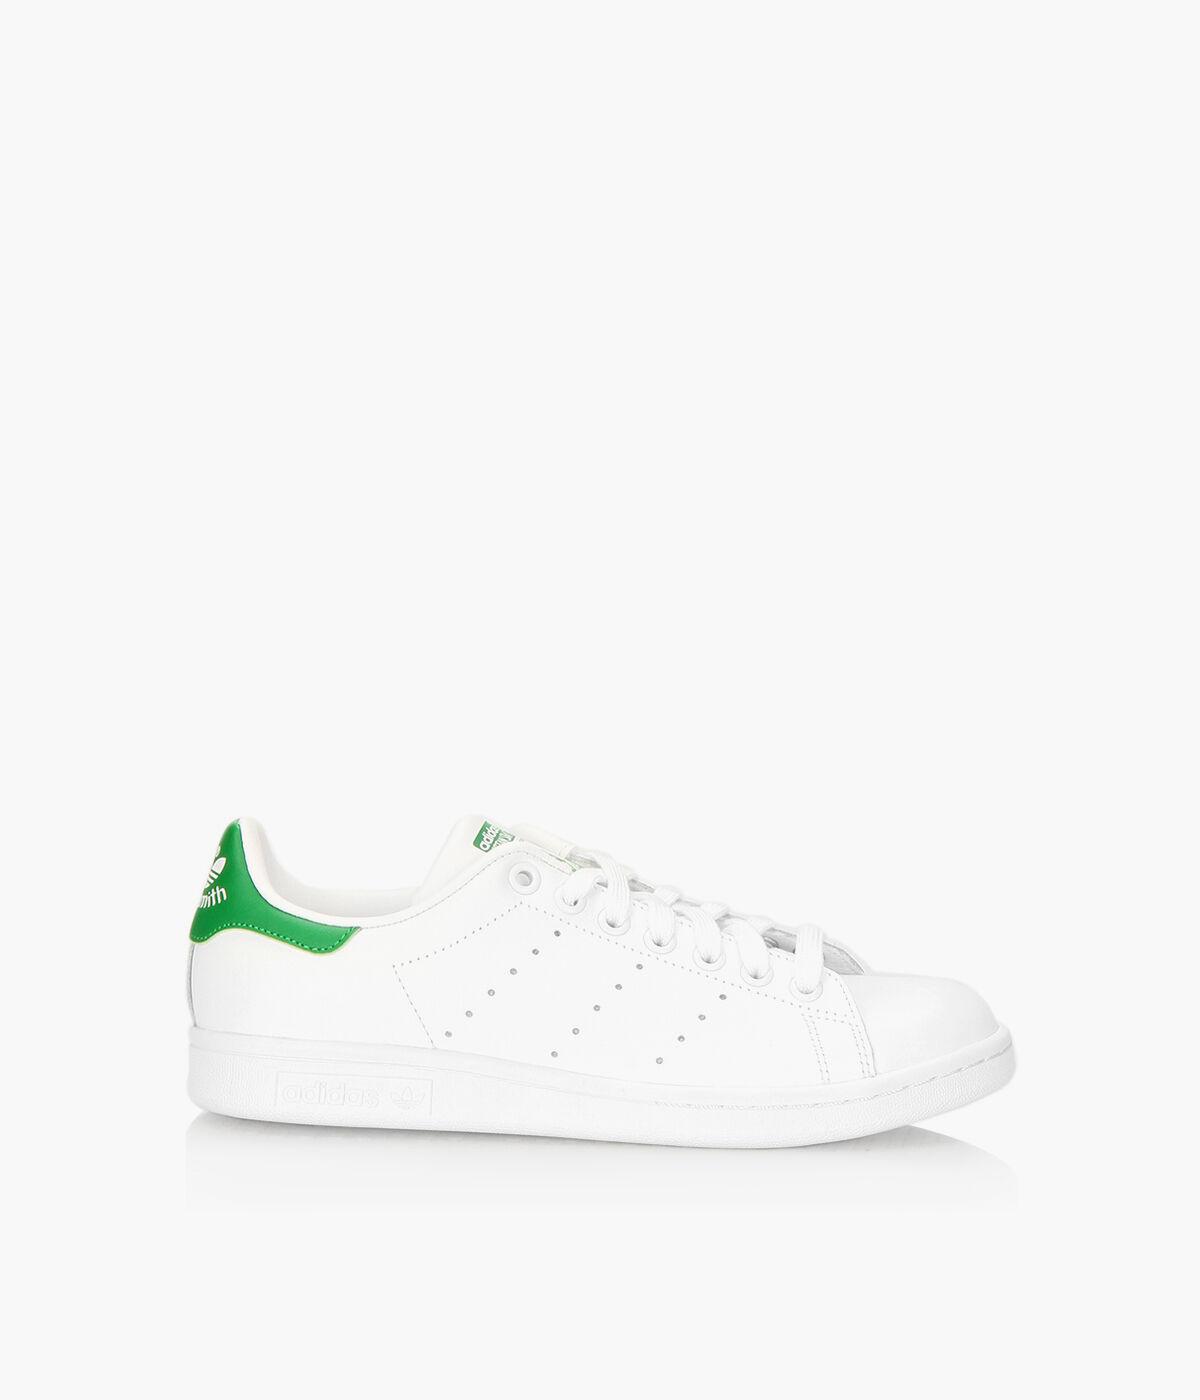 ADIDAS STAN SMITH W - White Leather